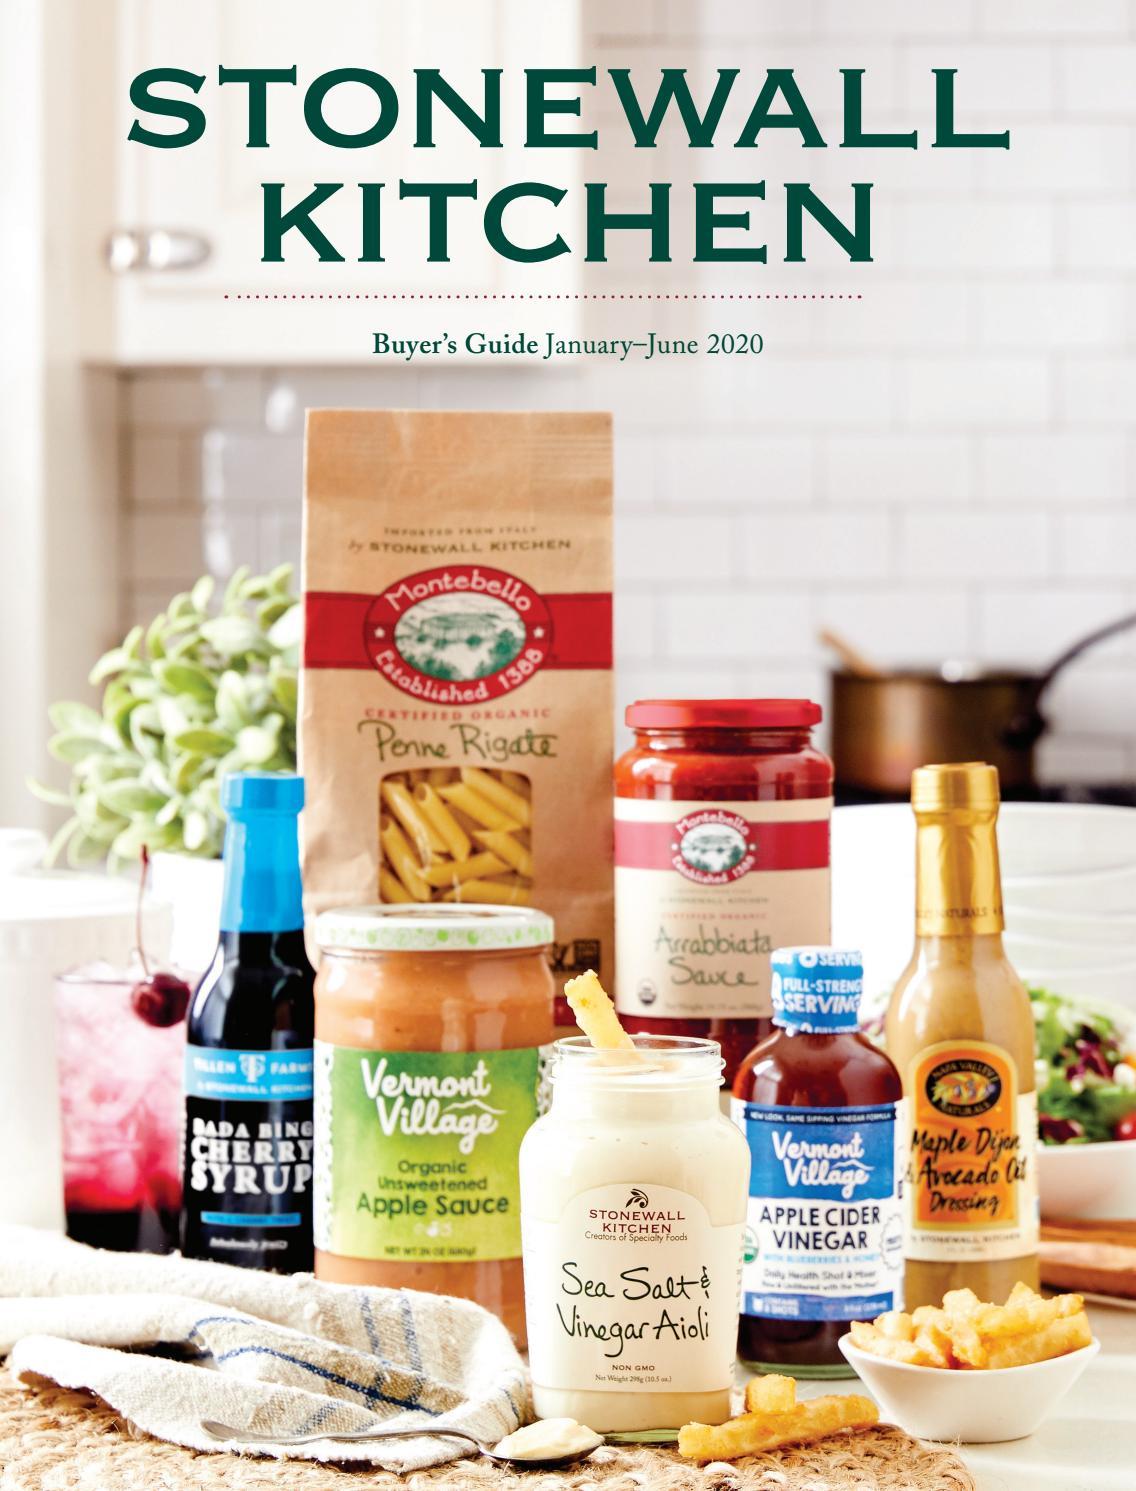 Stonewall Kitchen Buyers Guide January June 2020 By Stonewall Kitchen Issuu